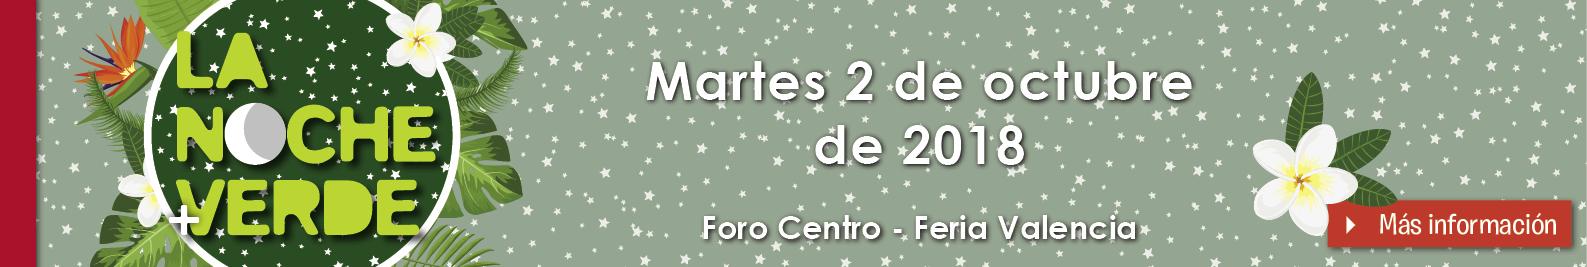 La-noche-mas-verde-18